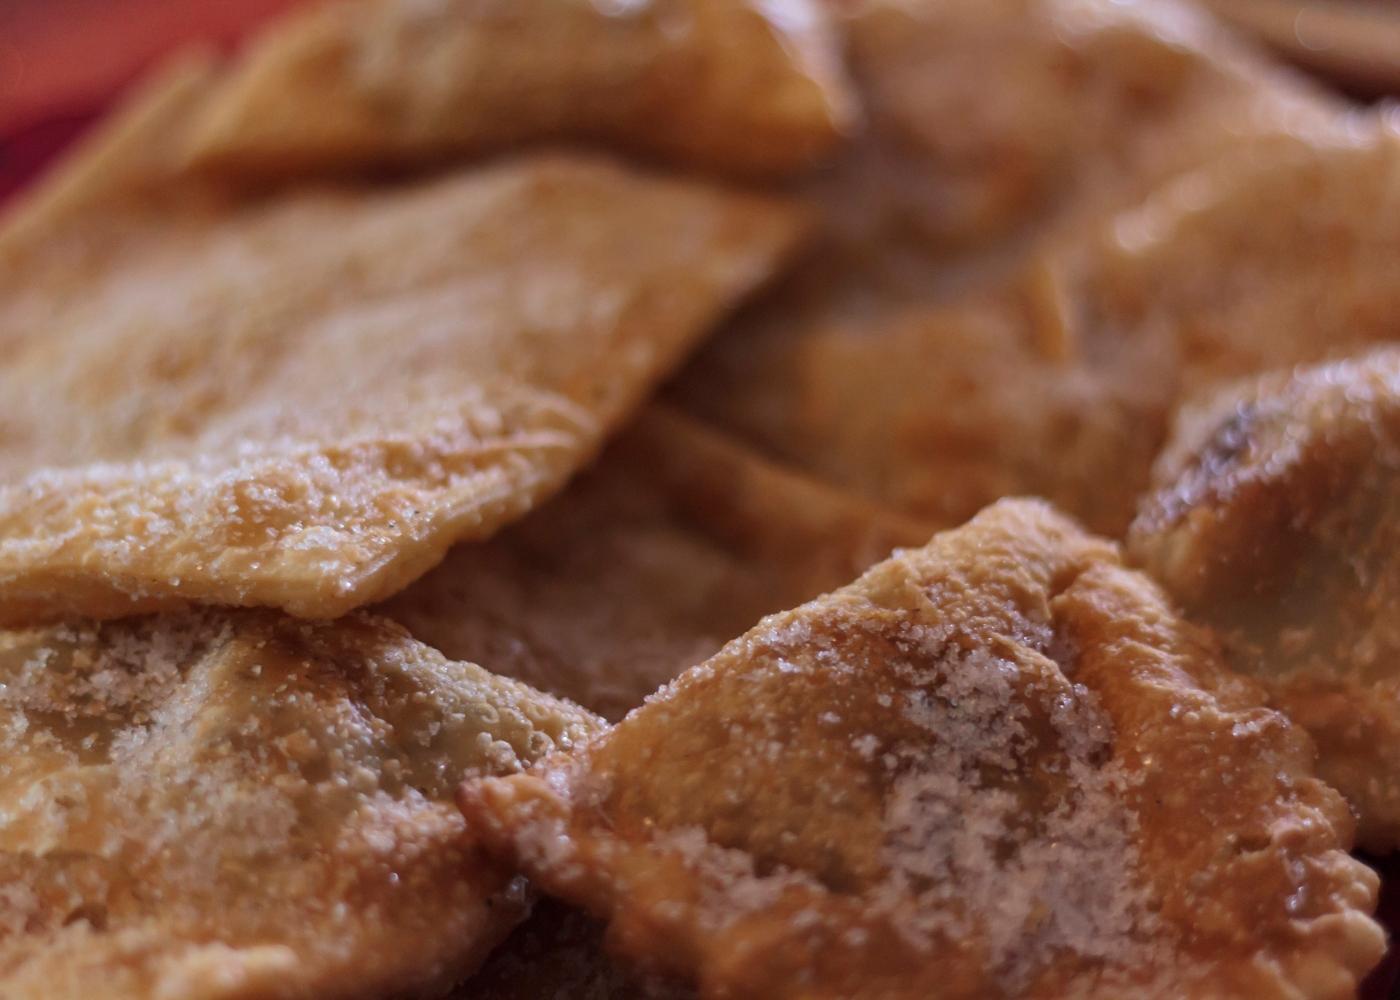 receita de azevias de batata-doce, amêndoa e gila